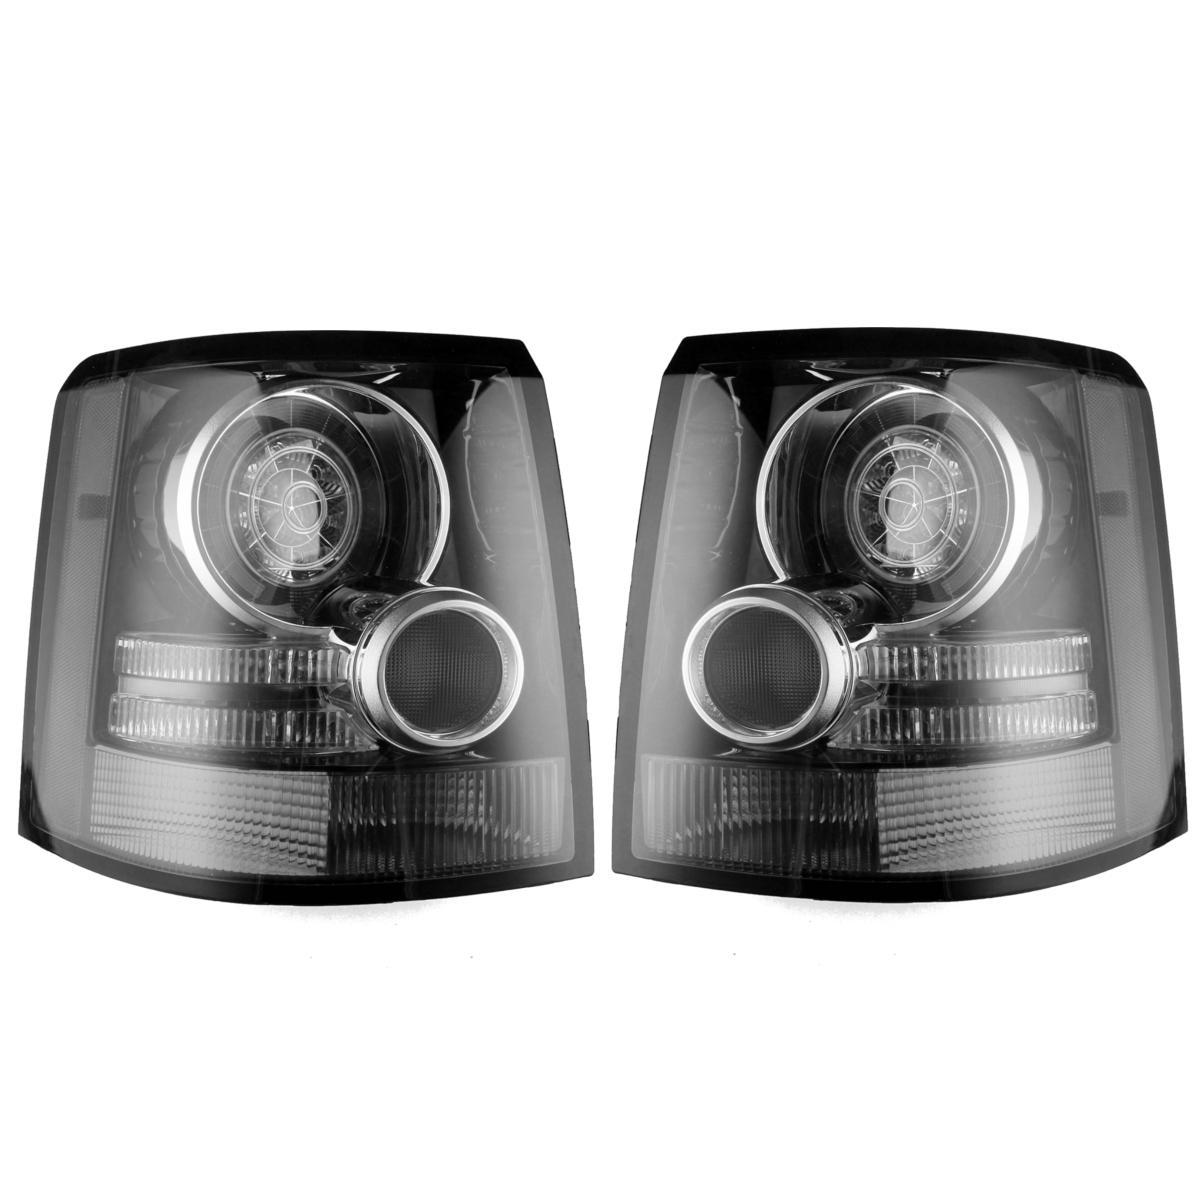 Auto links / rechts LED-achterlicht met gloeilampen voor Land Rover Range Rover Sport 2005-2013